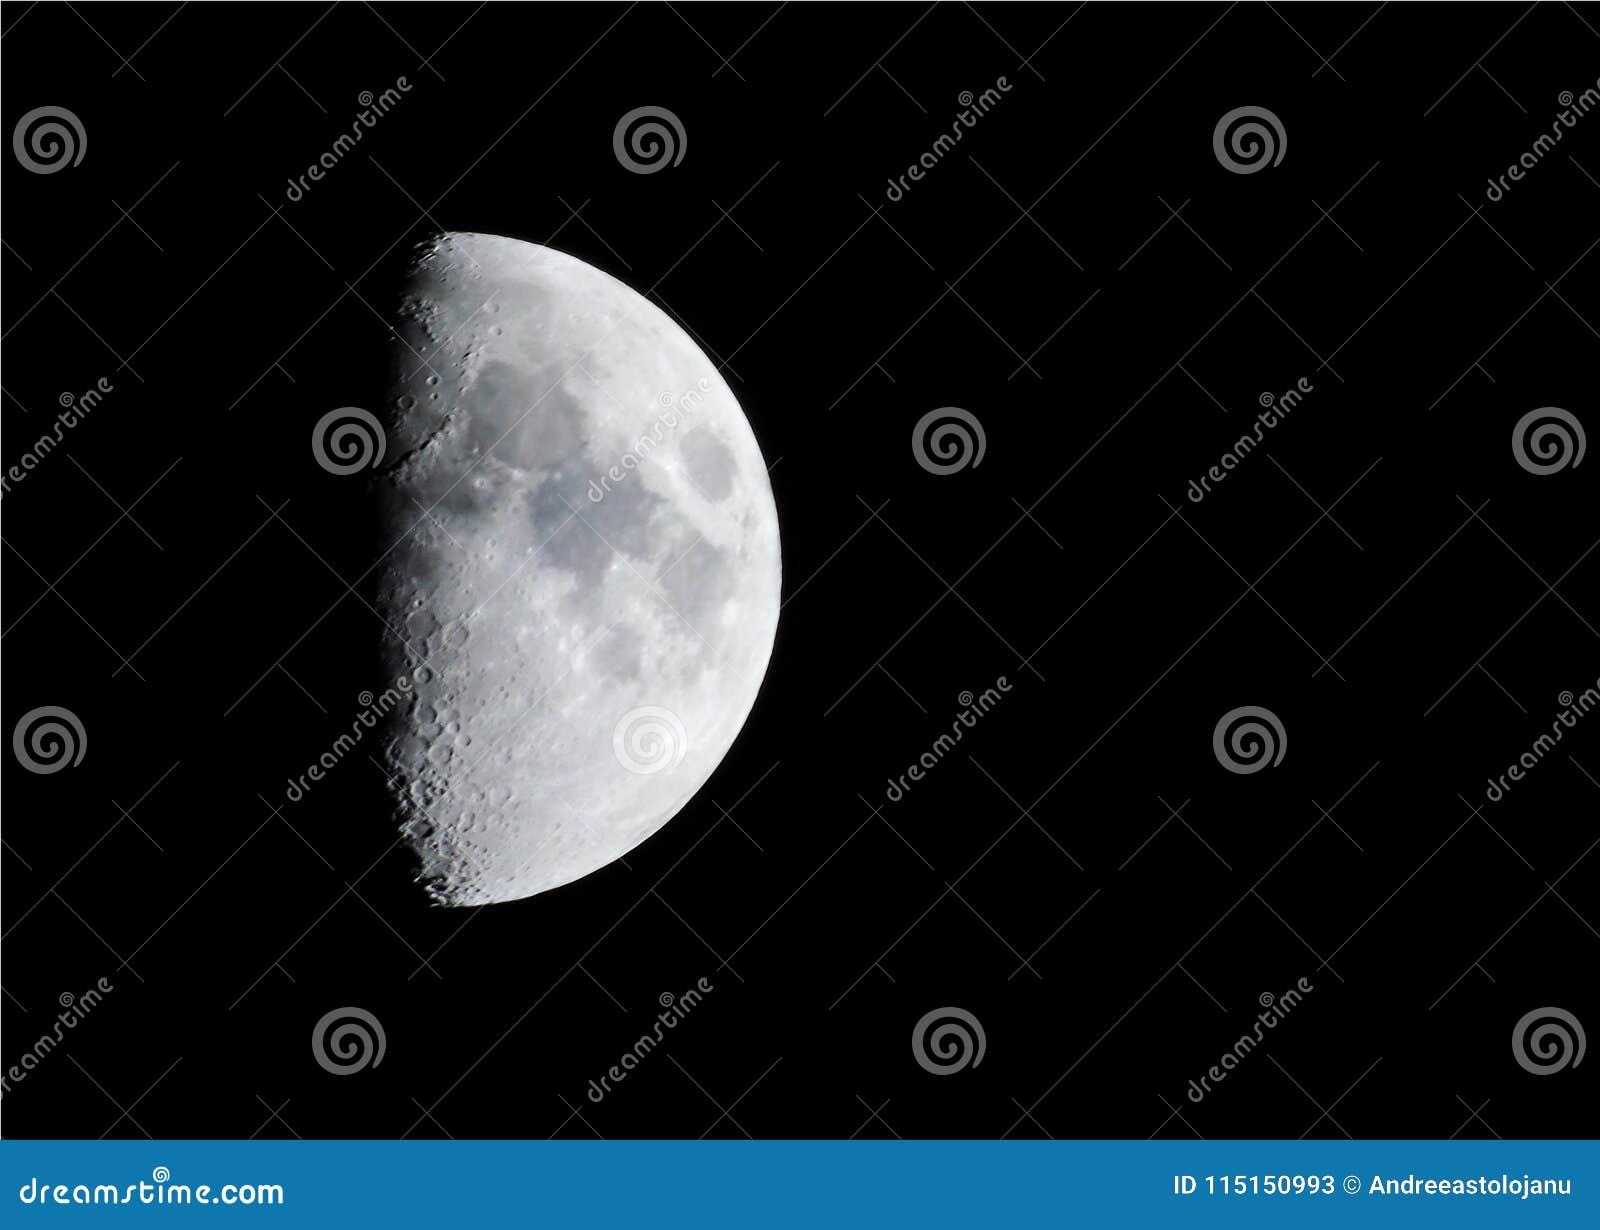 Closeup Of Big Illuminated Gibbous Moon Isolated On Black Sky